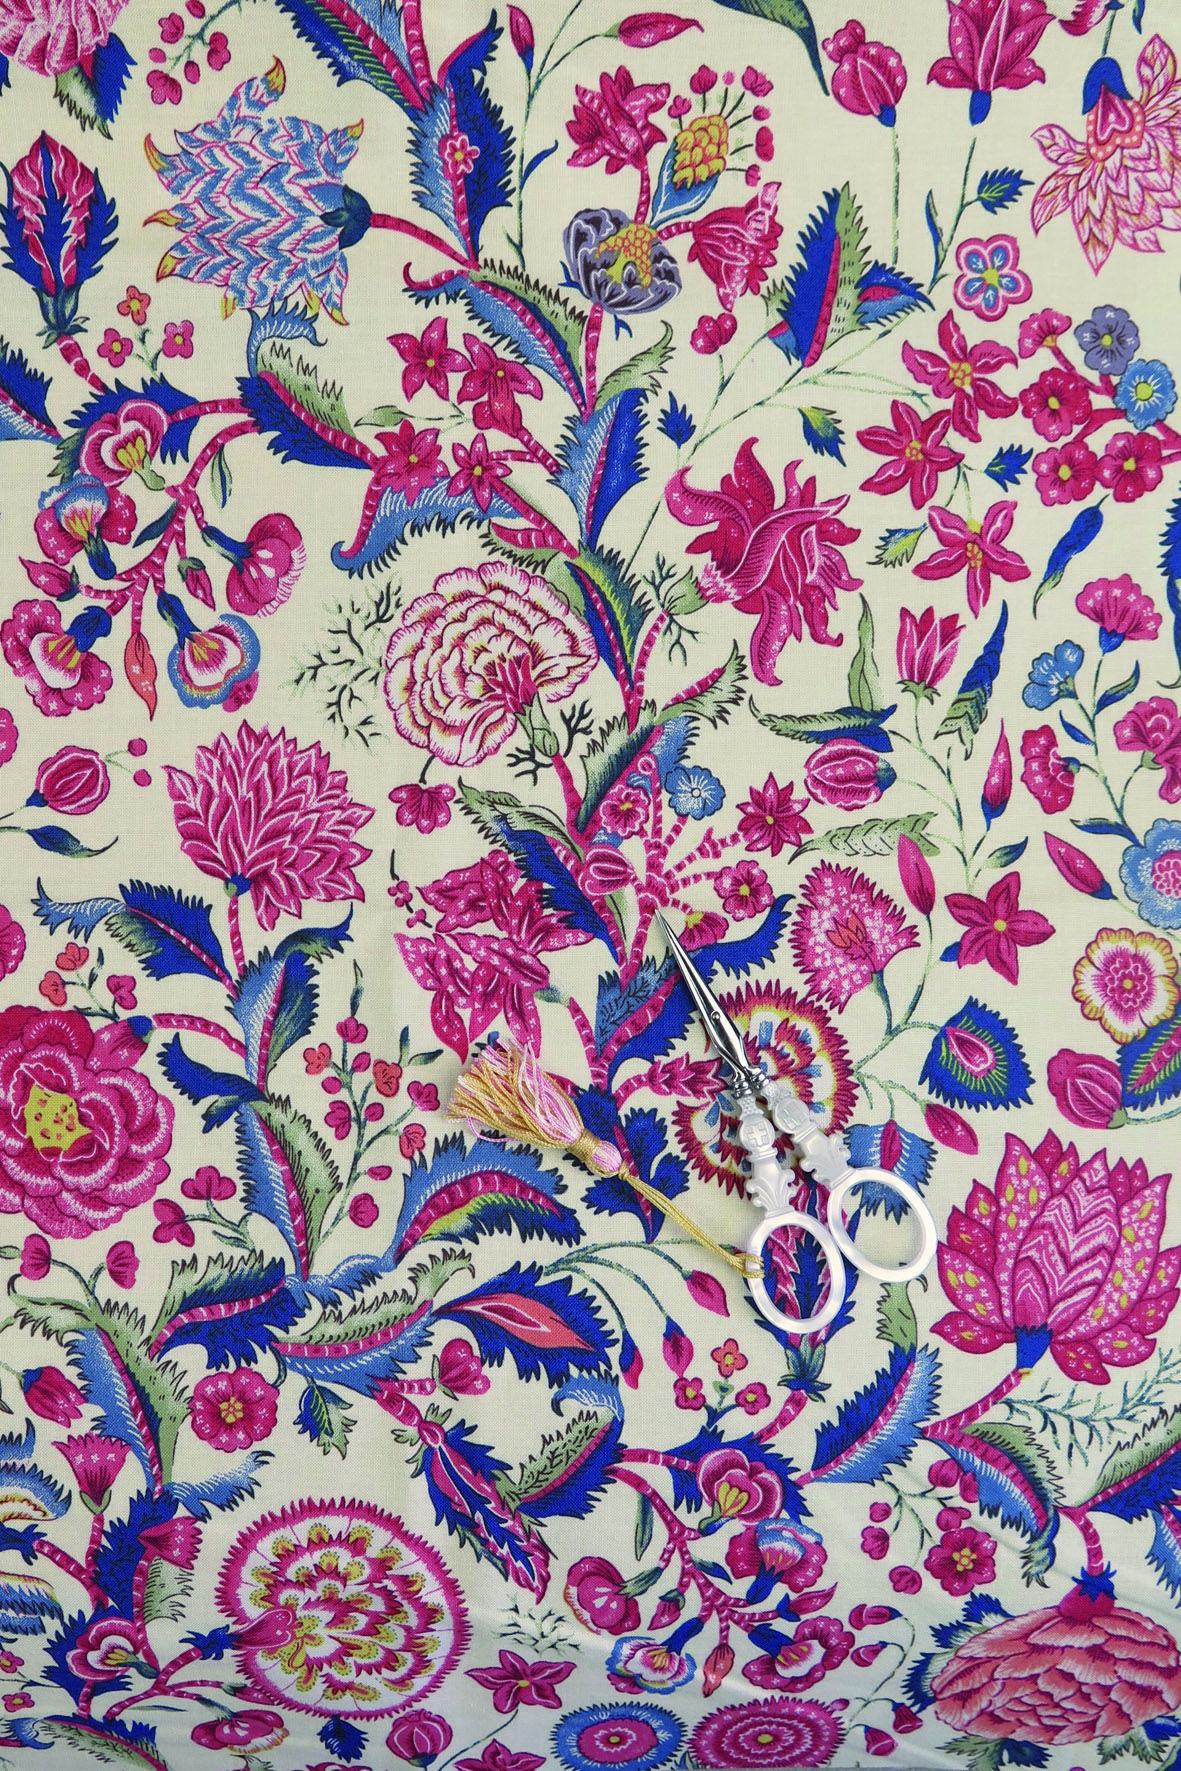 la collection sajou de tissus imprim s motifs fleuris que l 39 on appelle des indiennes. Black Bedroom Furniture Sets. Home Design Ideas